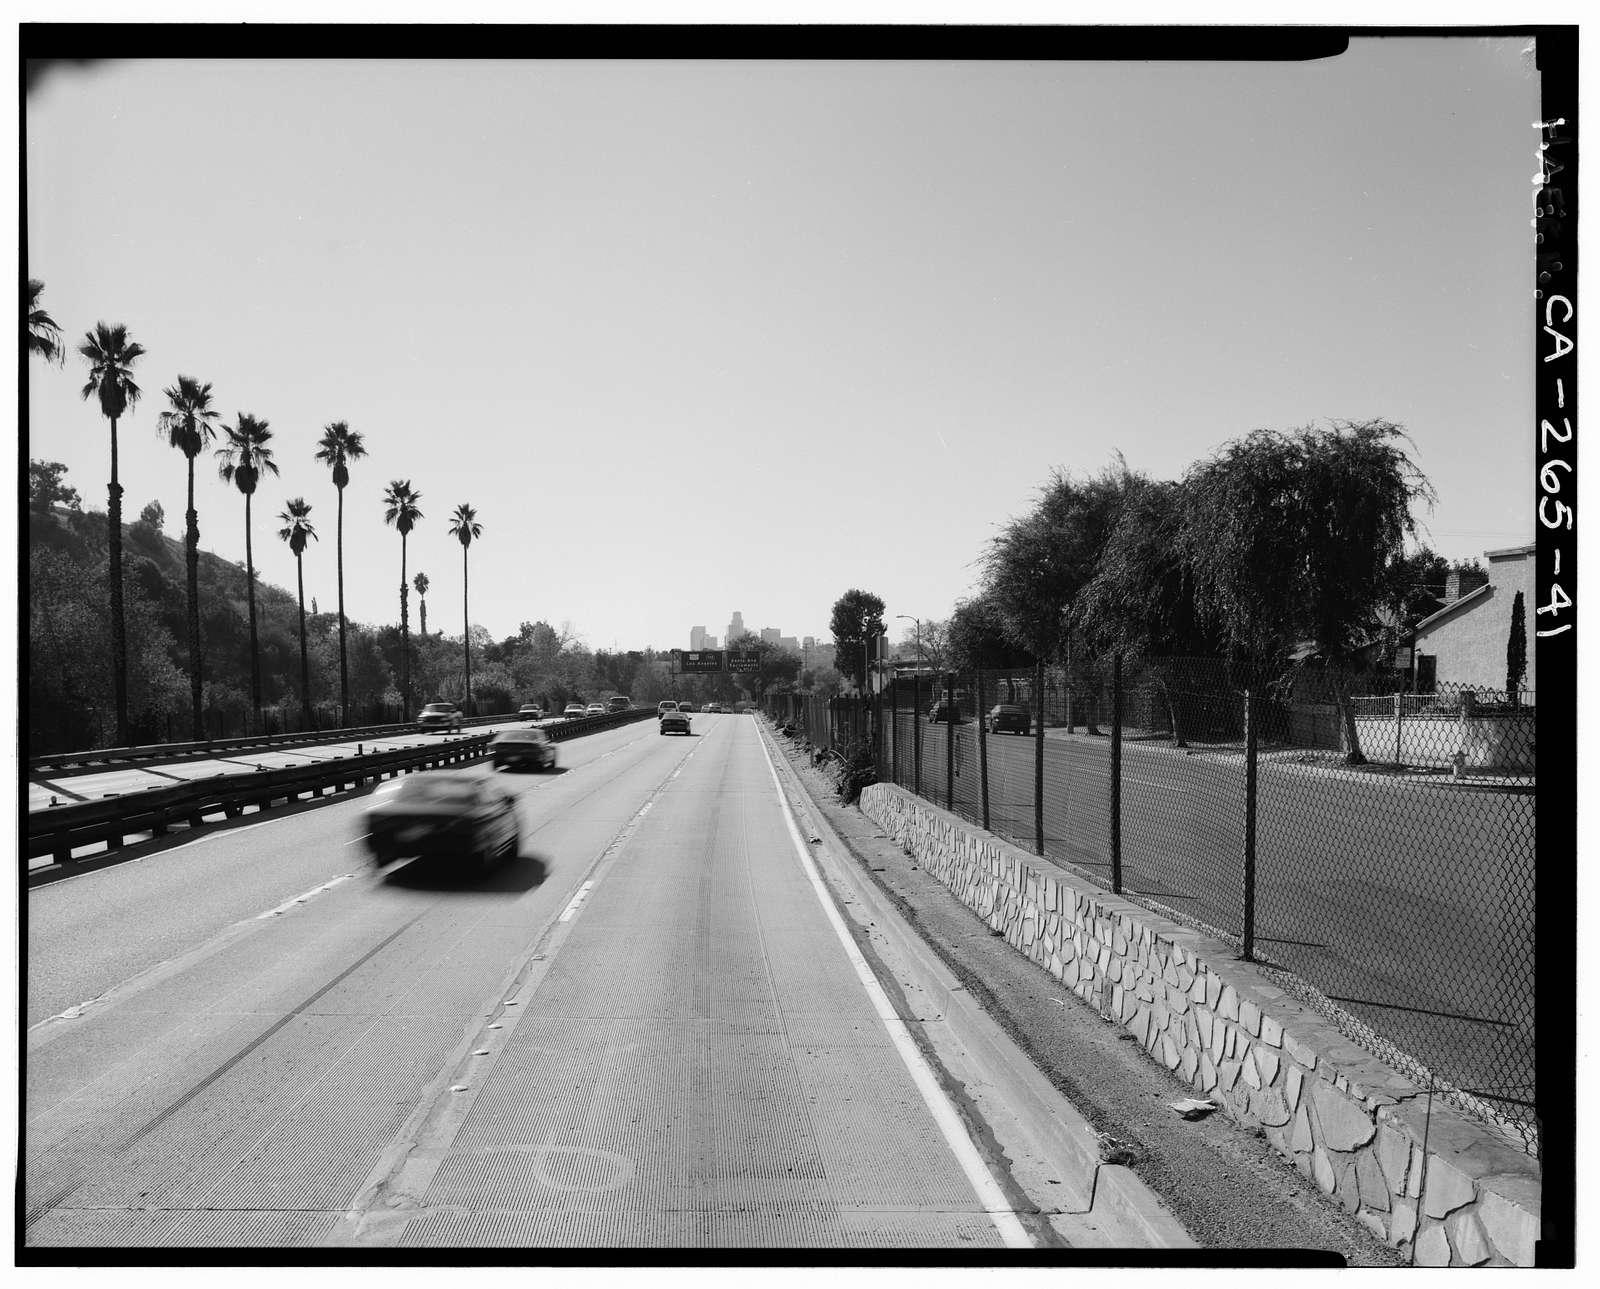 Arroyo Seco Parkway, Los Angeles to Pasadena, Los Angeles, Los Angeles County, CA